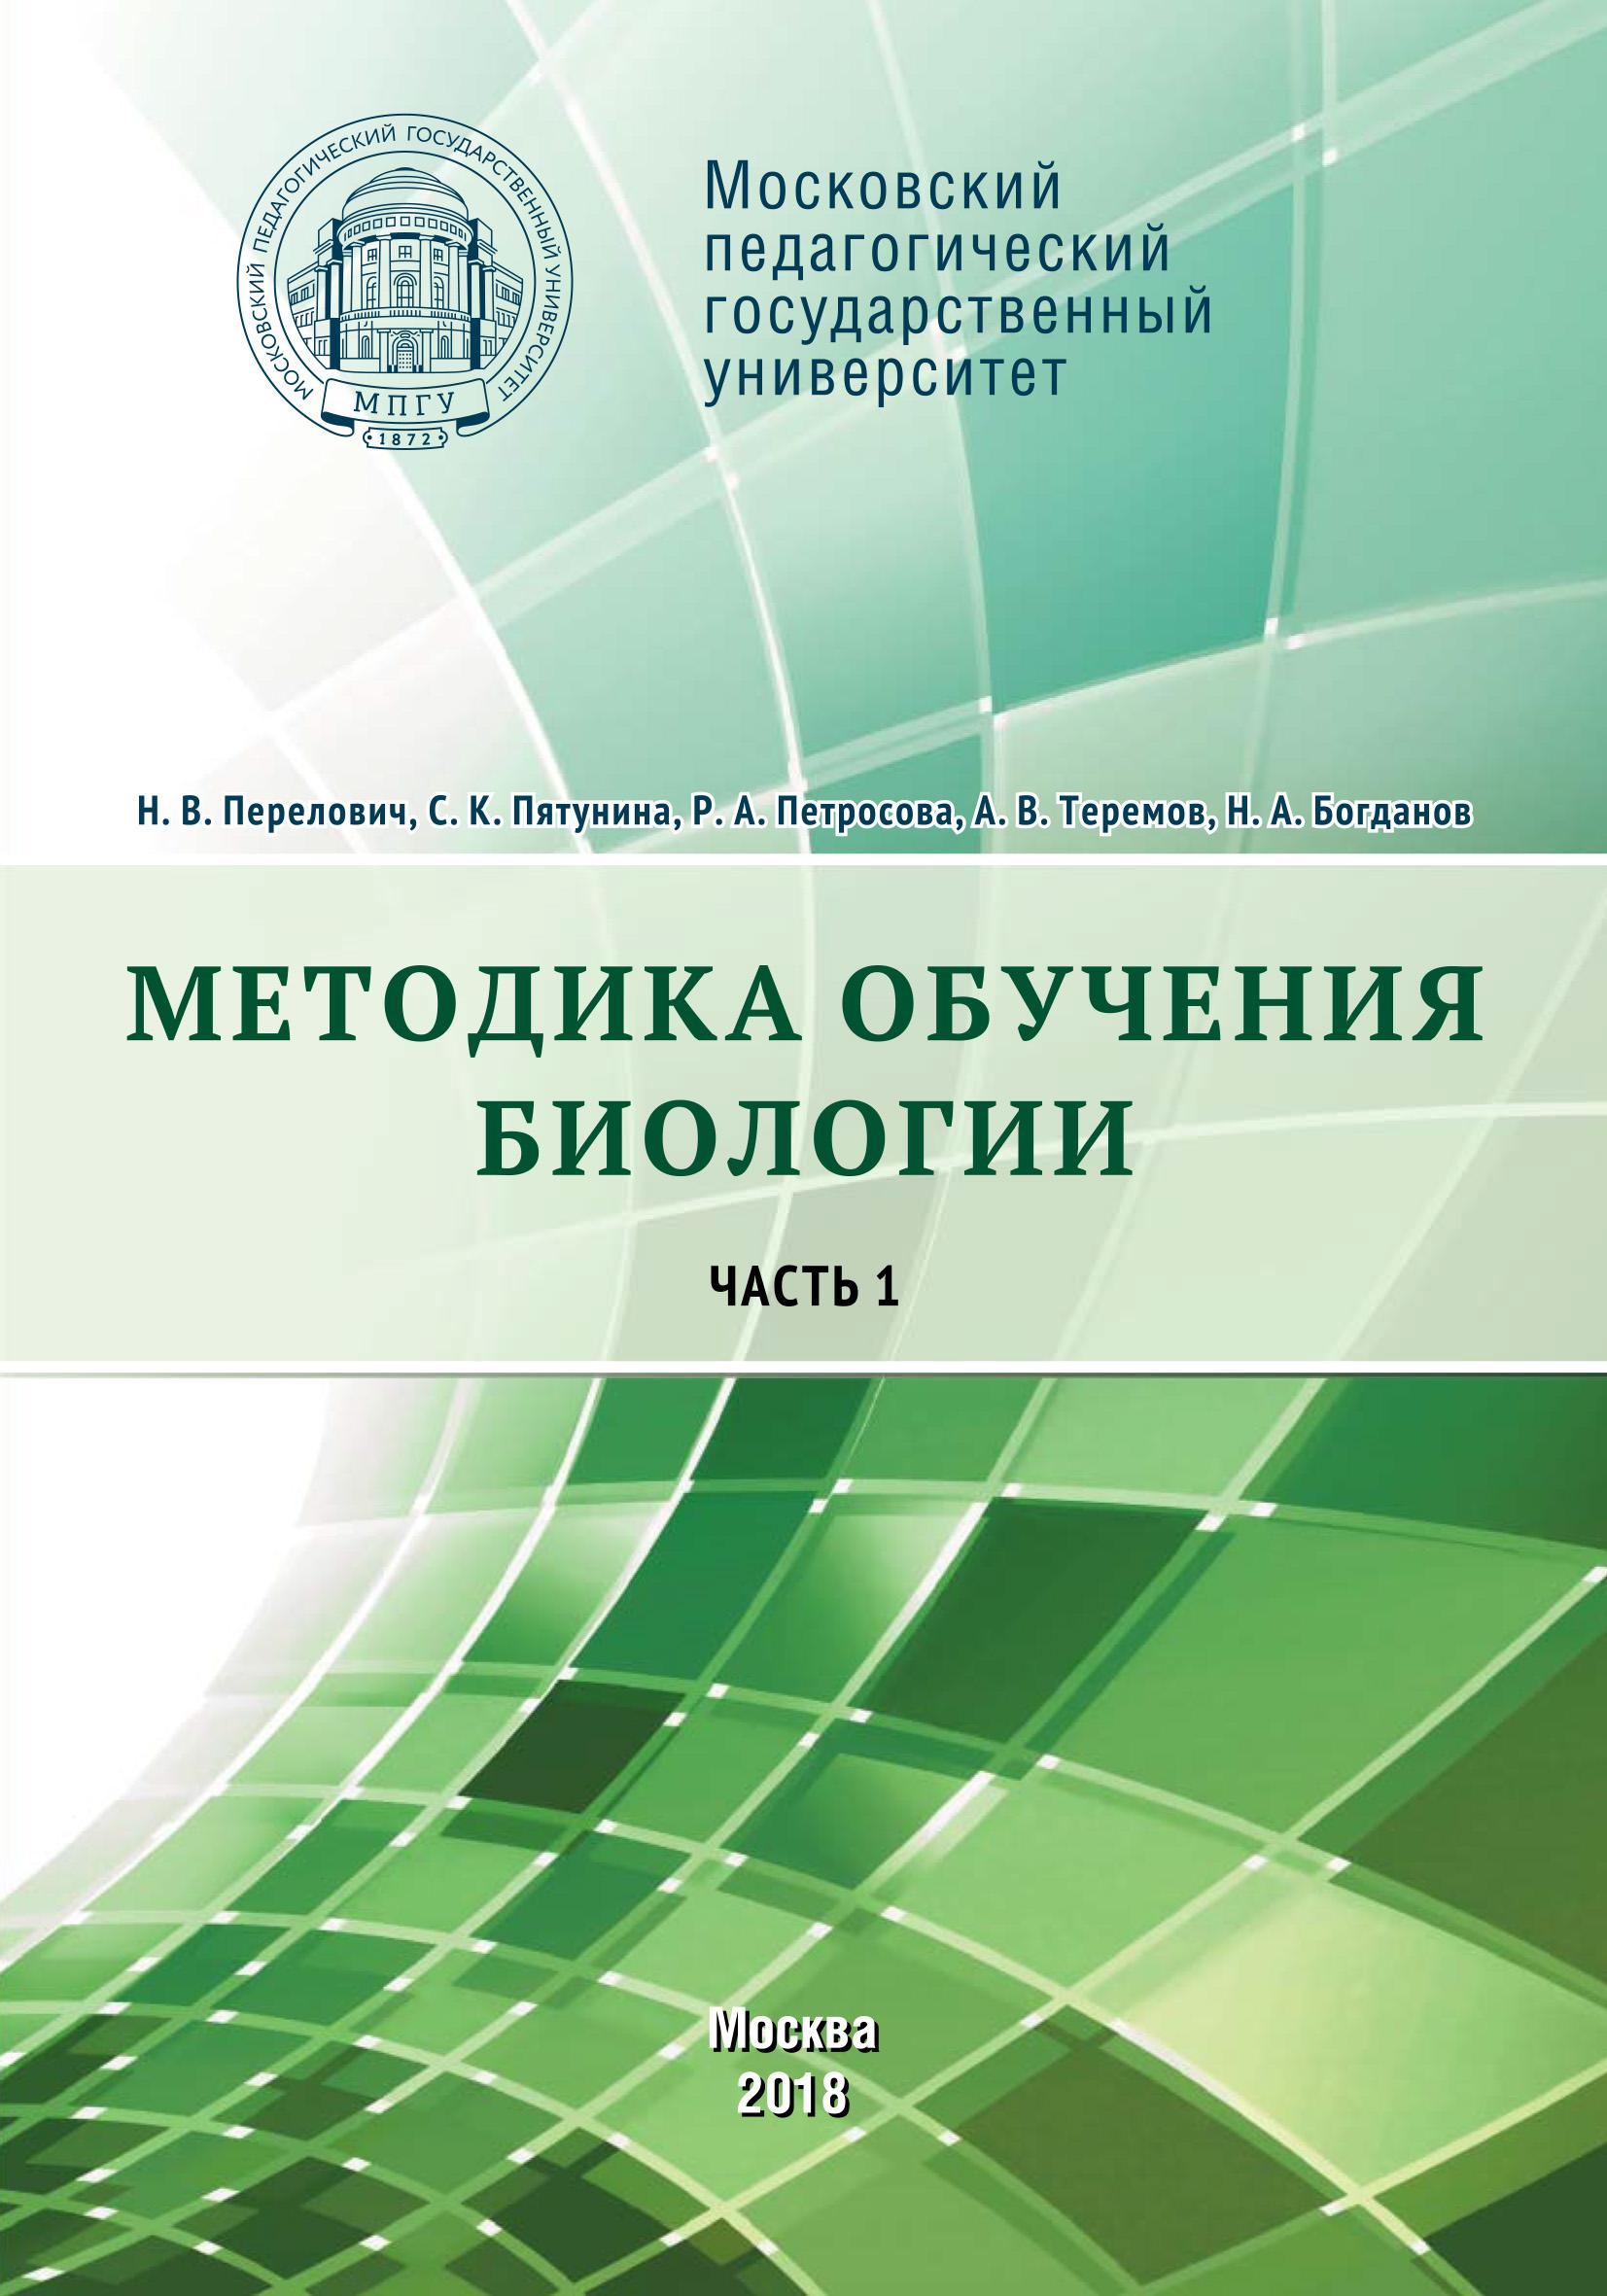 А. В. Теремов Методика обучения биологии. Часть 1. Растения. . Грибы и лишайники